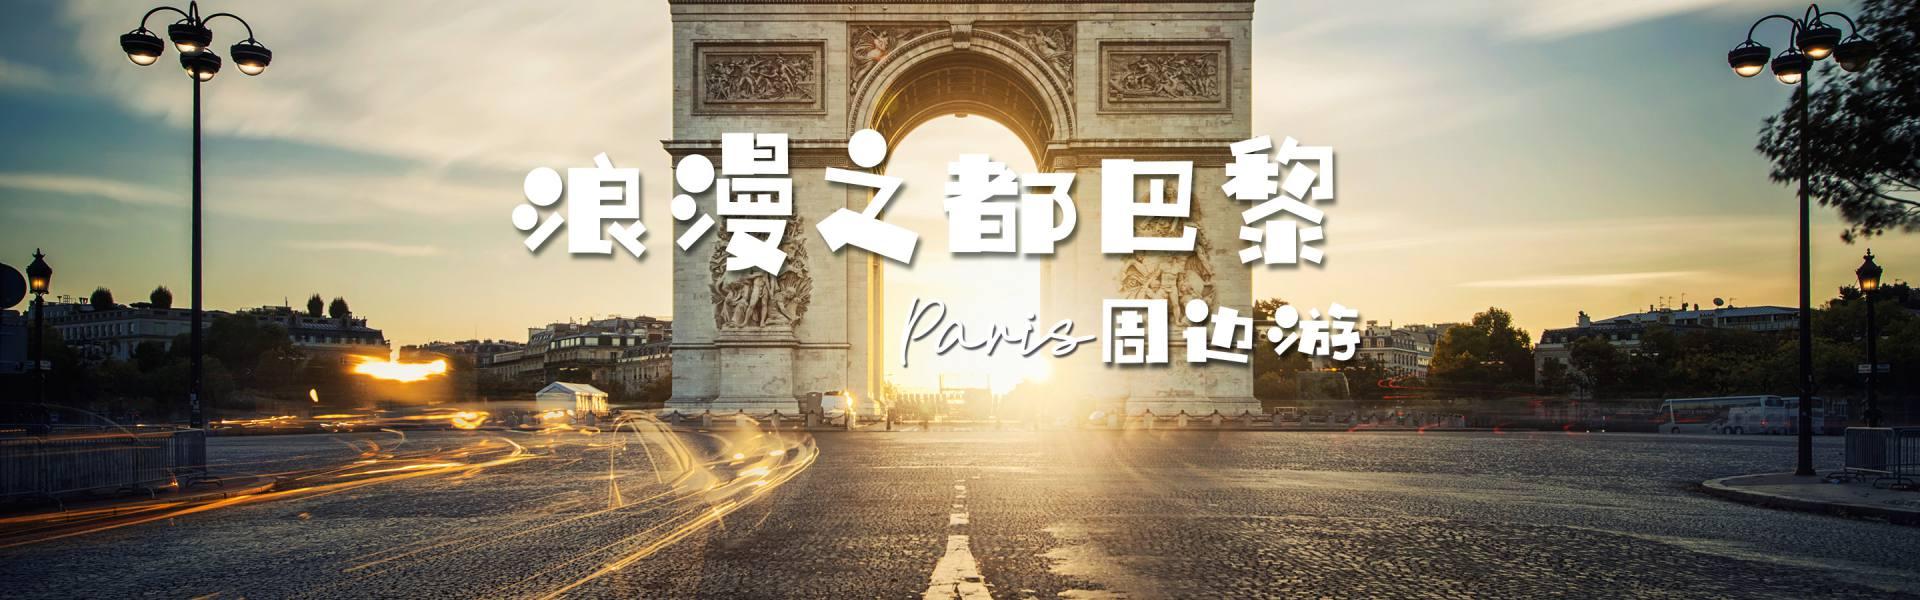 巴黎周边游